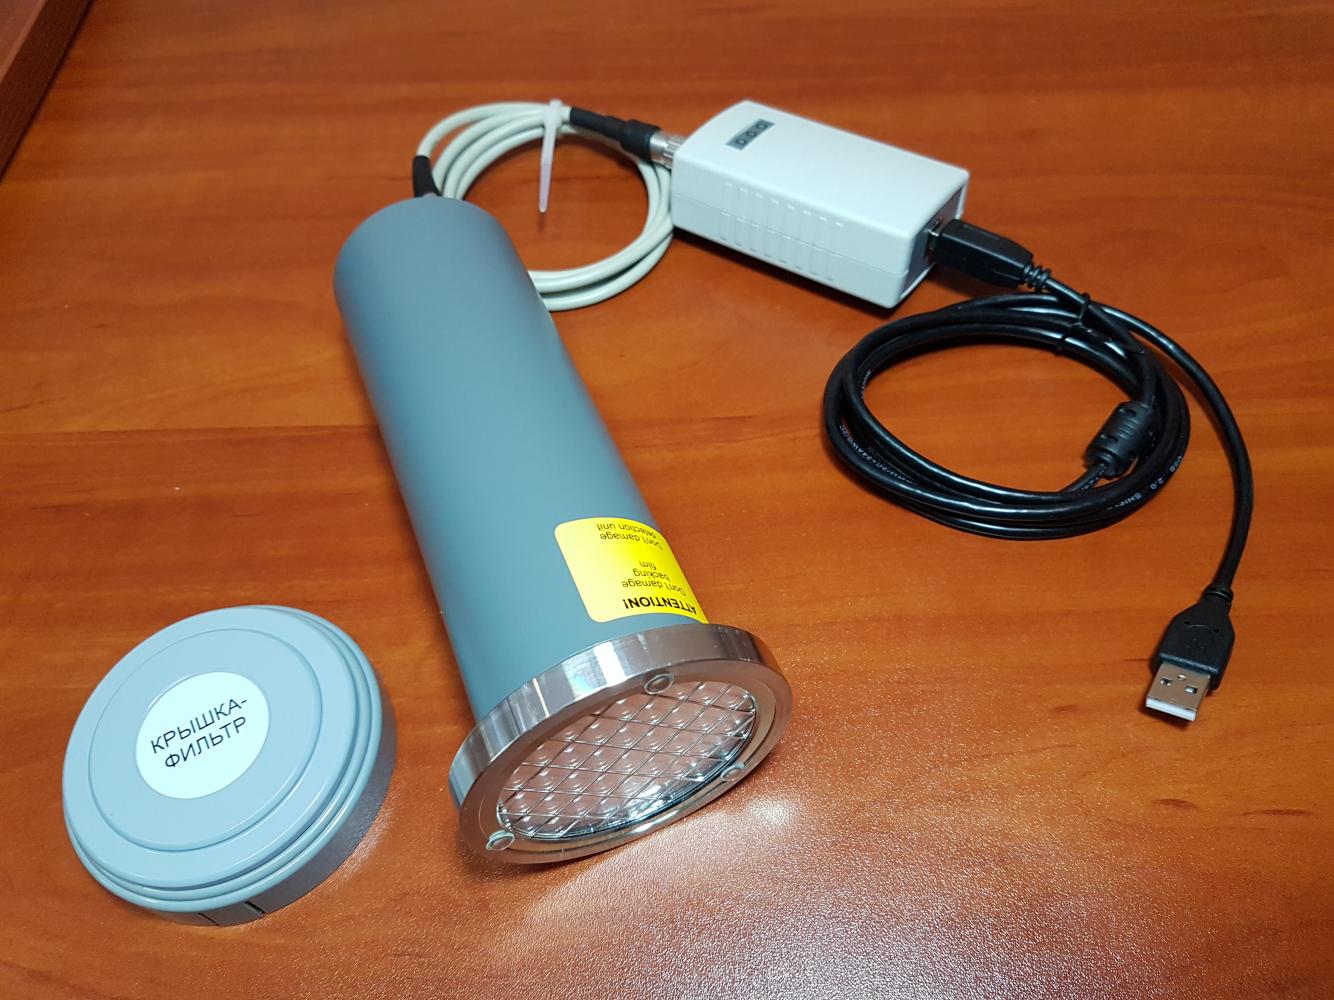 Дозиметр радиометр МКС-АТ1117М с внешним блоком детектирования альфа излучения БДПА-01 - 2